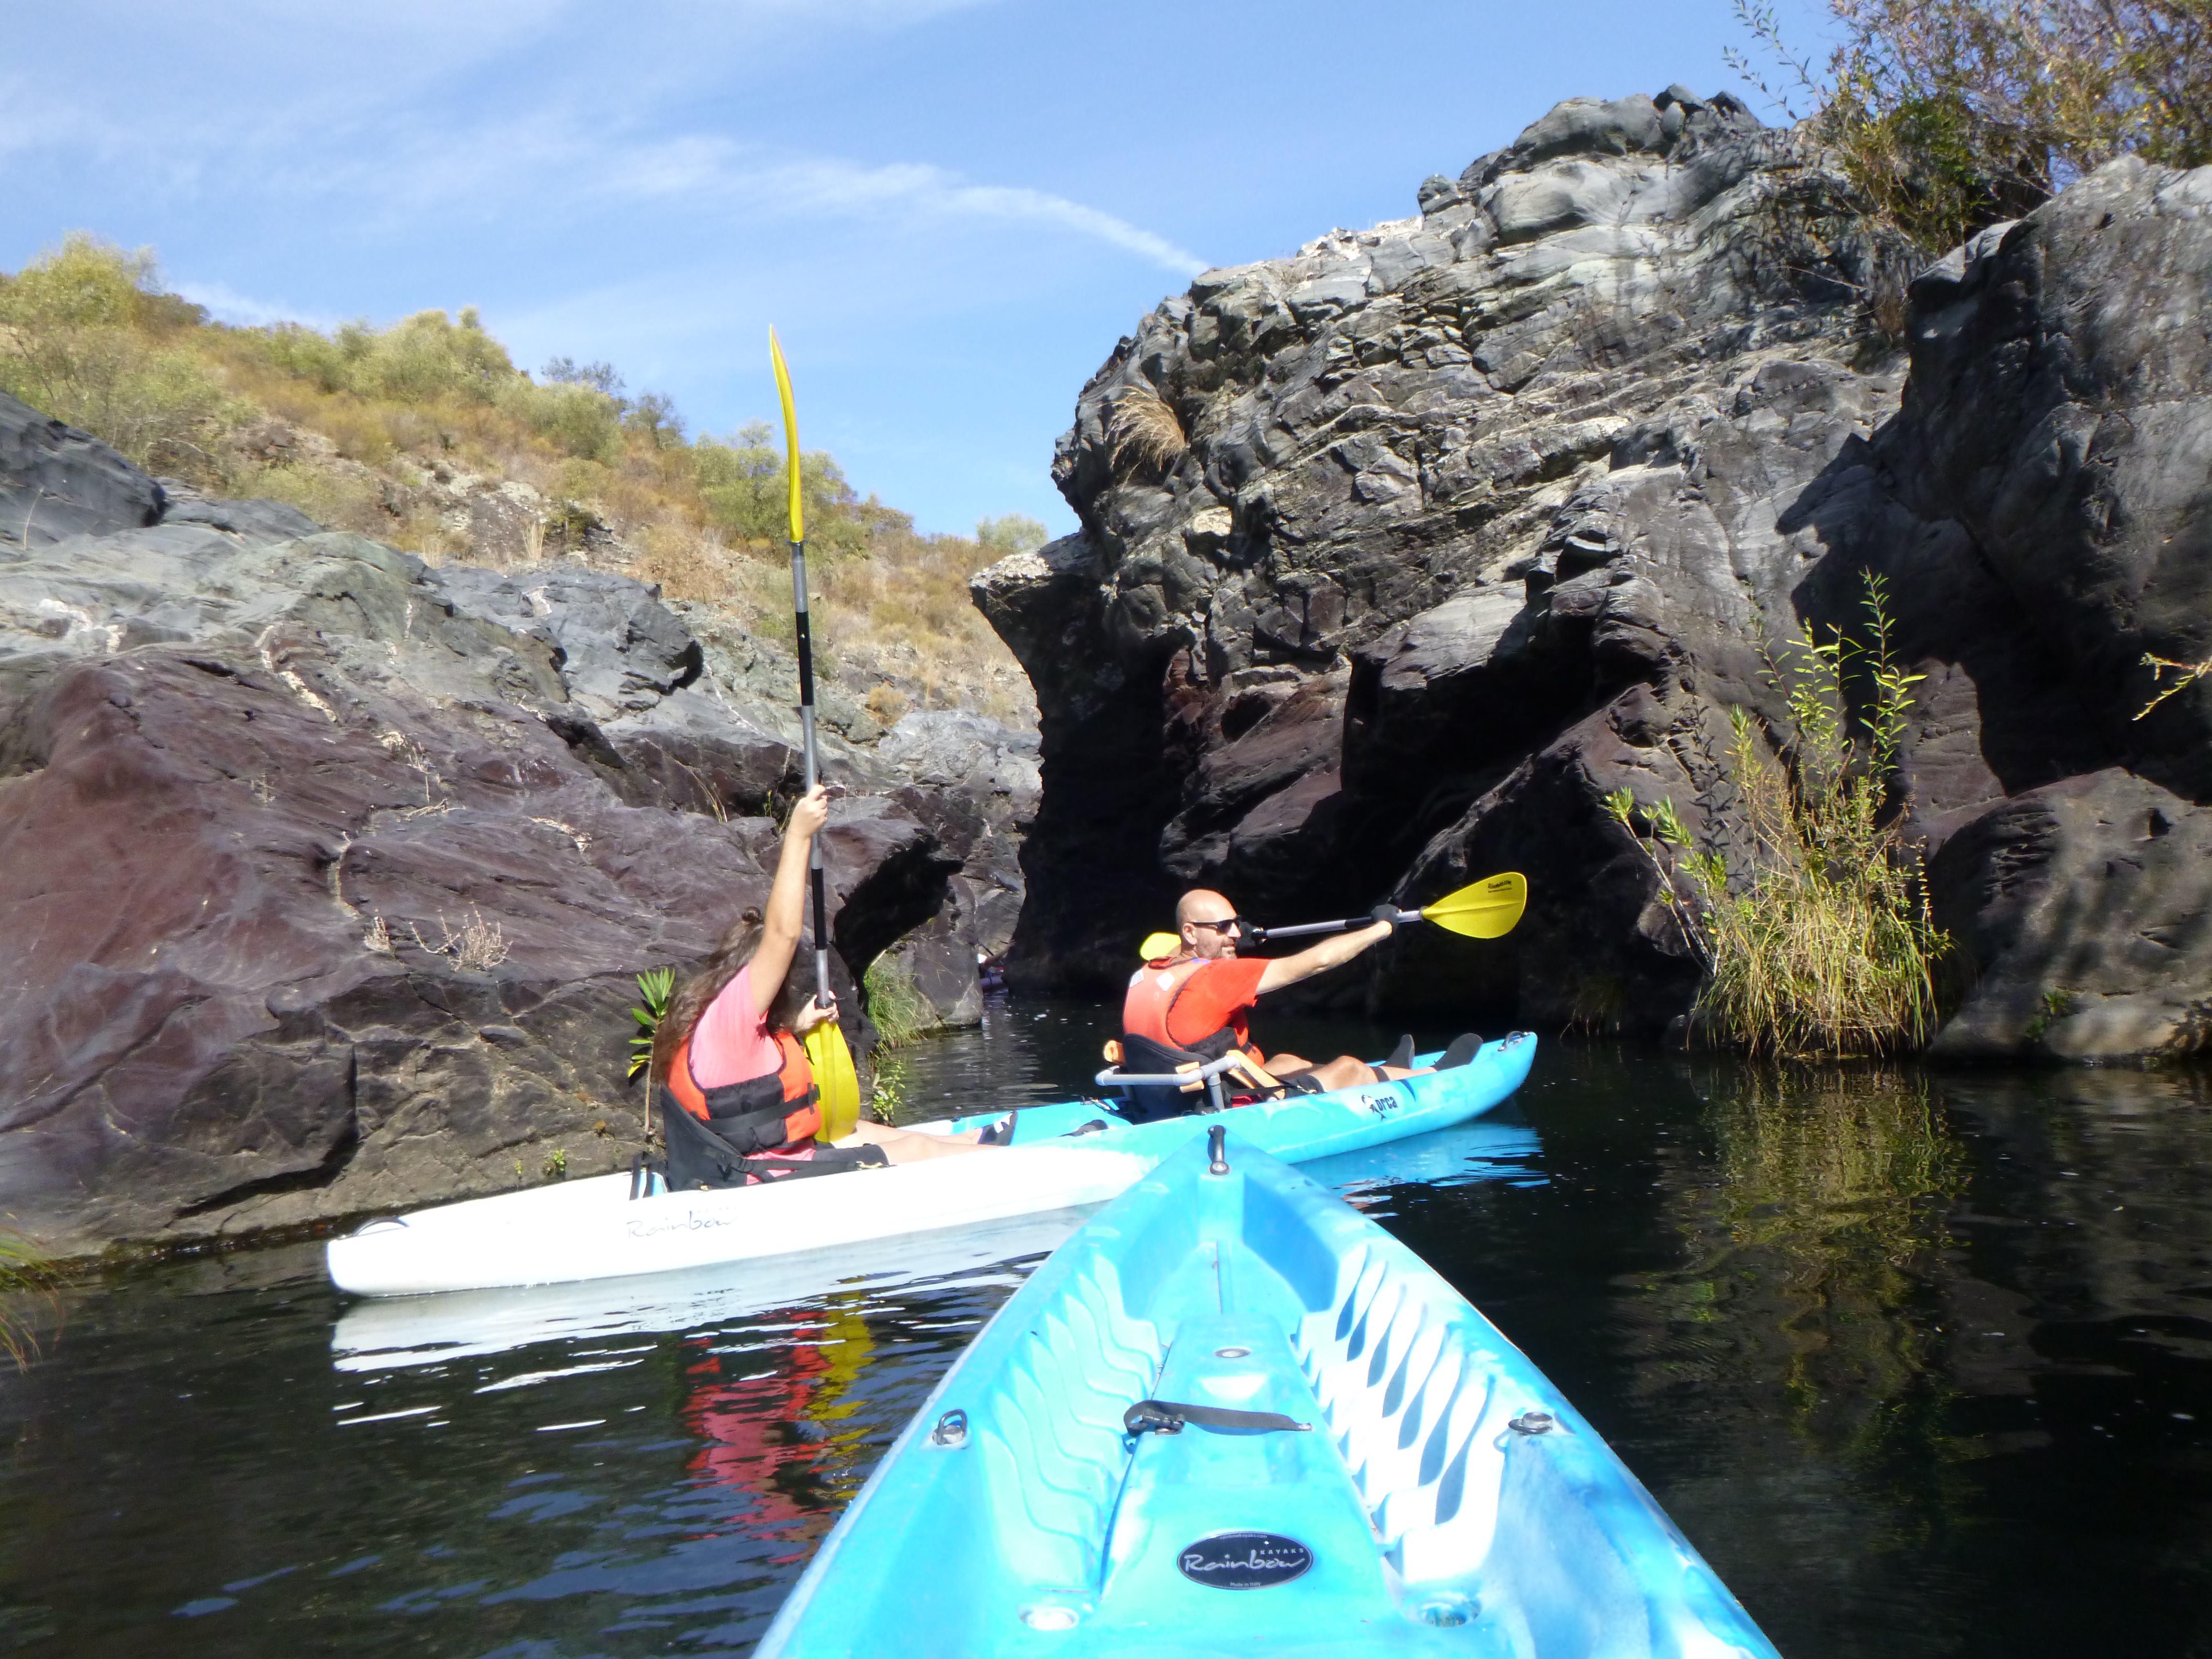 Ruta de Kayak + Baño (Inclusivo - Discapacitados - Movilidad Reducida) en Villanueva del Río y Minas